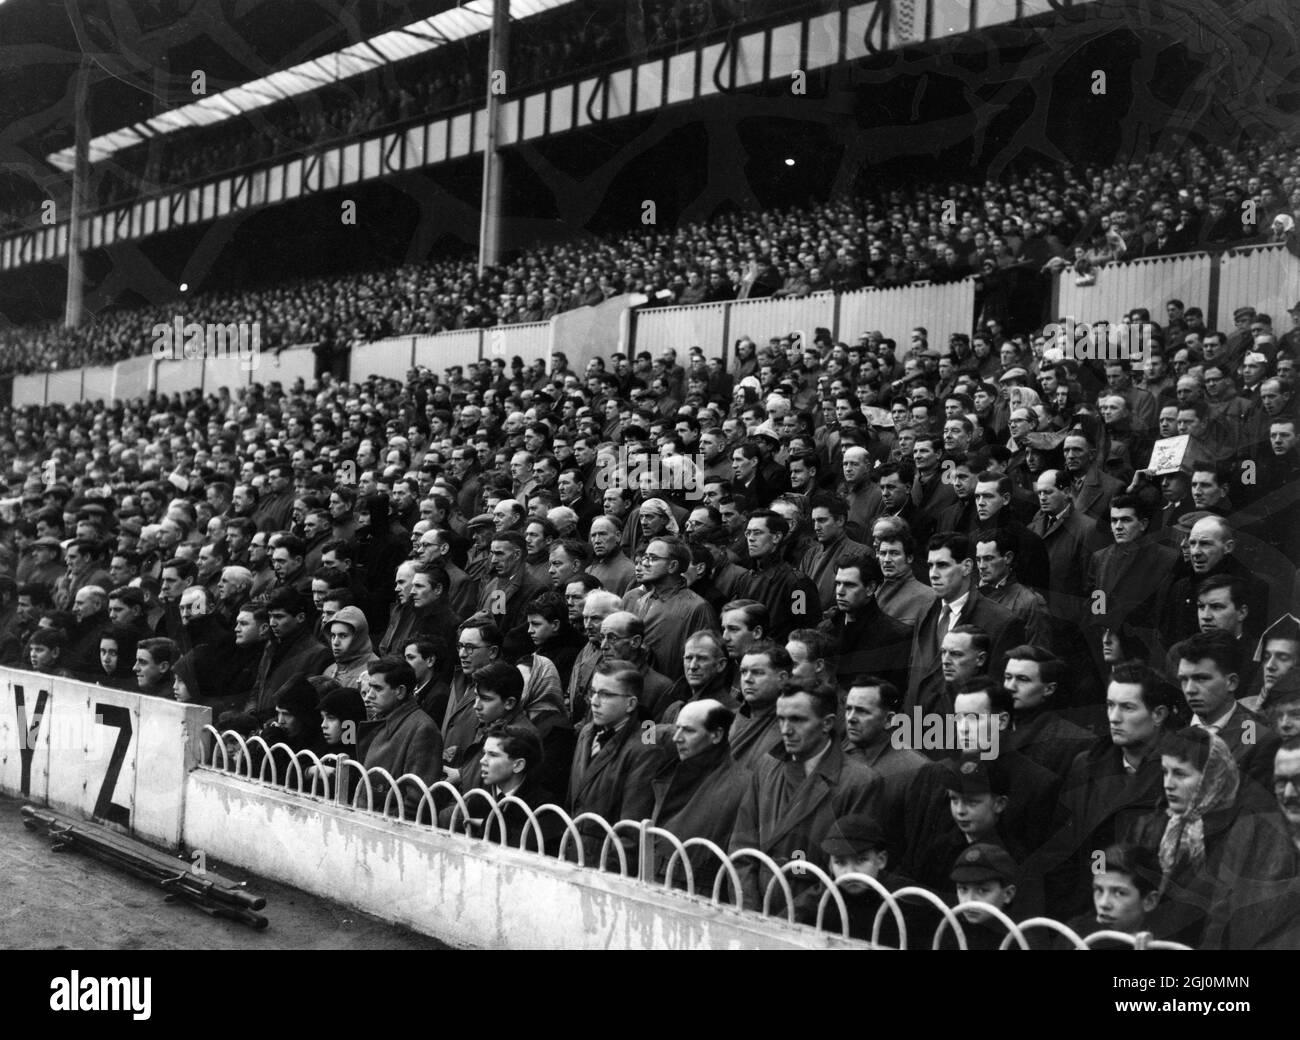 Los aficionados al fútbol en el suelo de Spurs se guardan en silencio en memoria de los oficiales de los jugadores del Manchester United y los periodistas muertos en el accidente aéreo de Munich . Millones de aficionados y jugadores en partidos de fútbol y rugby en toda Gran Bretaña observaron el silencio. 8th de febrero de 1958 Foto de stock